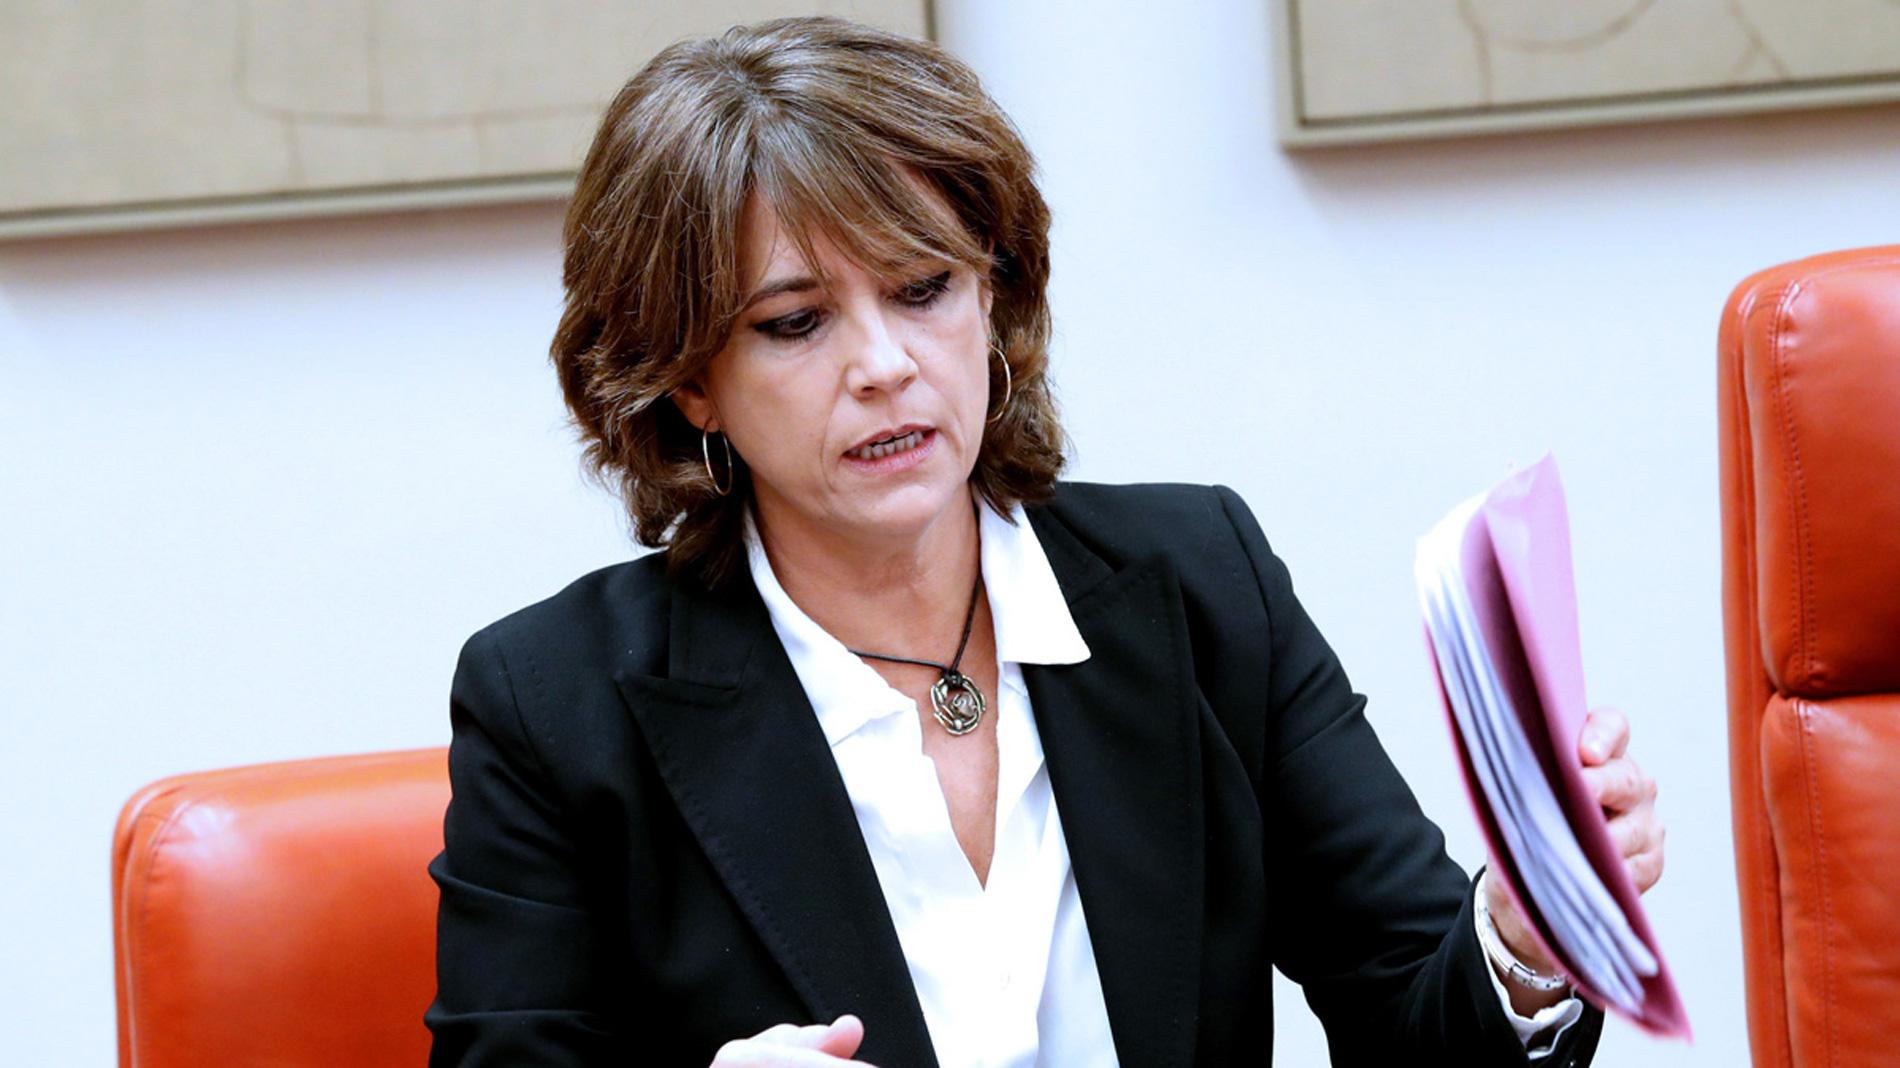 La ministra de Justicia acusa al PP de intentar dar instrucciones políticas a jueces y fiscales por Gürtel